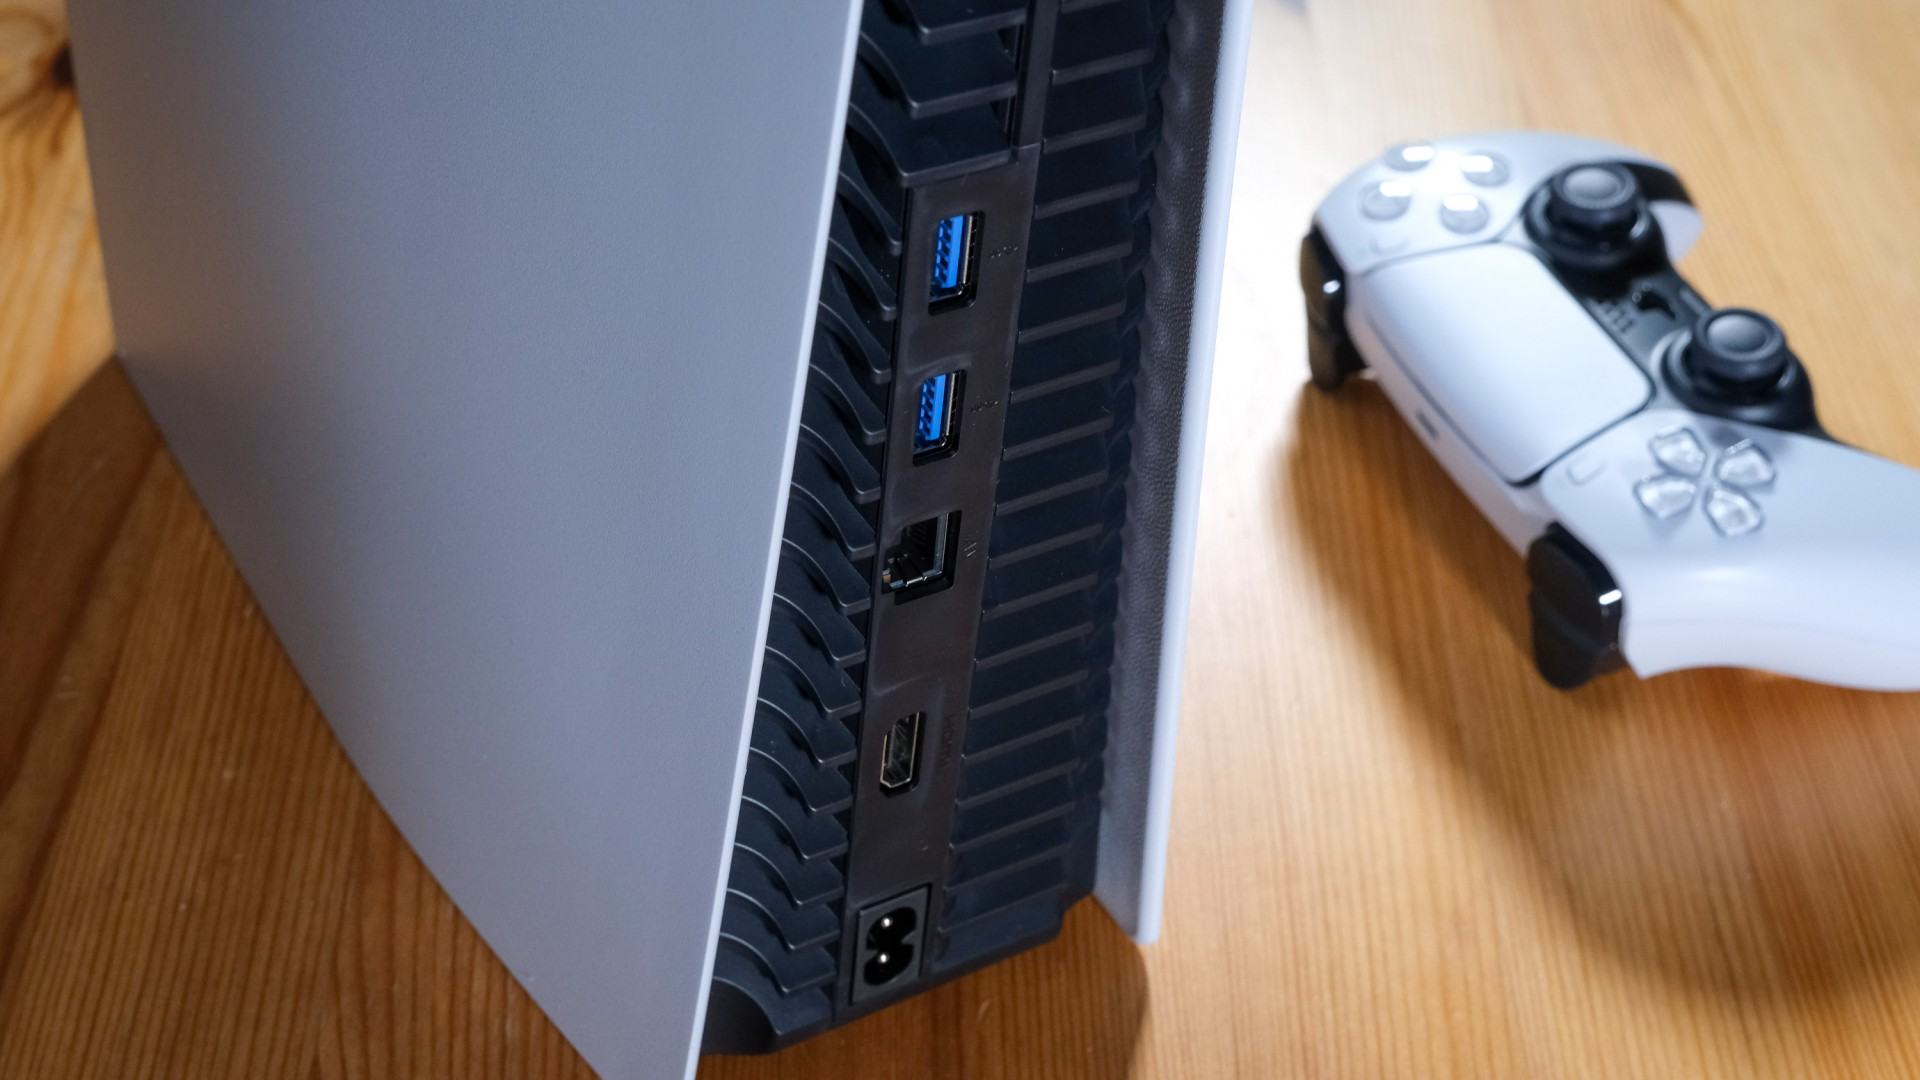 Next-Gen: Klingeling, jetzt ist auch die Playstation 5 da -